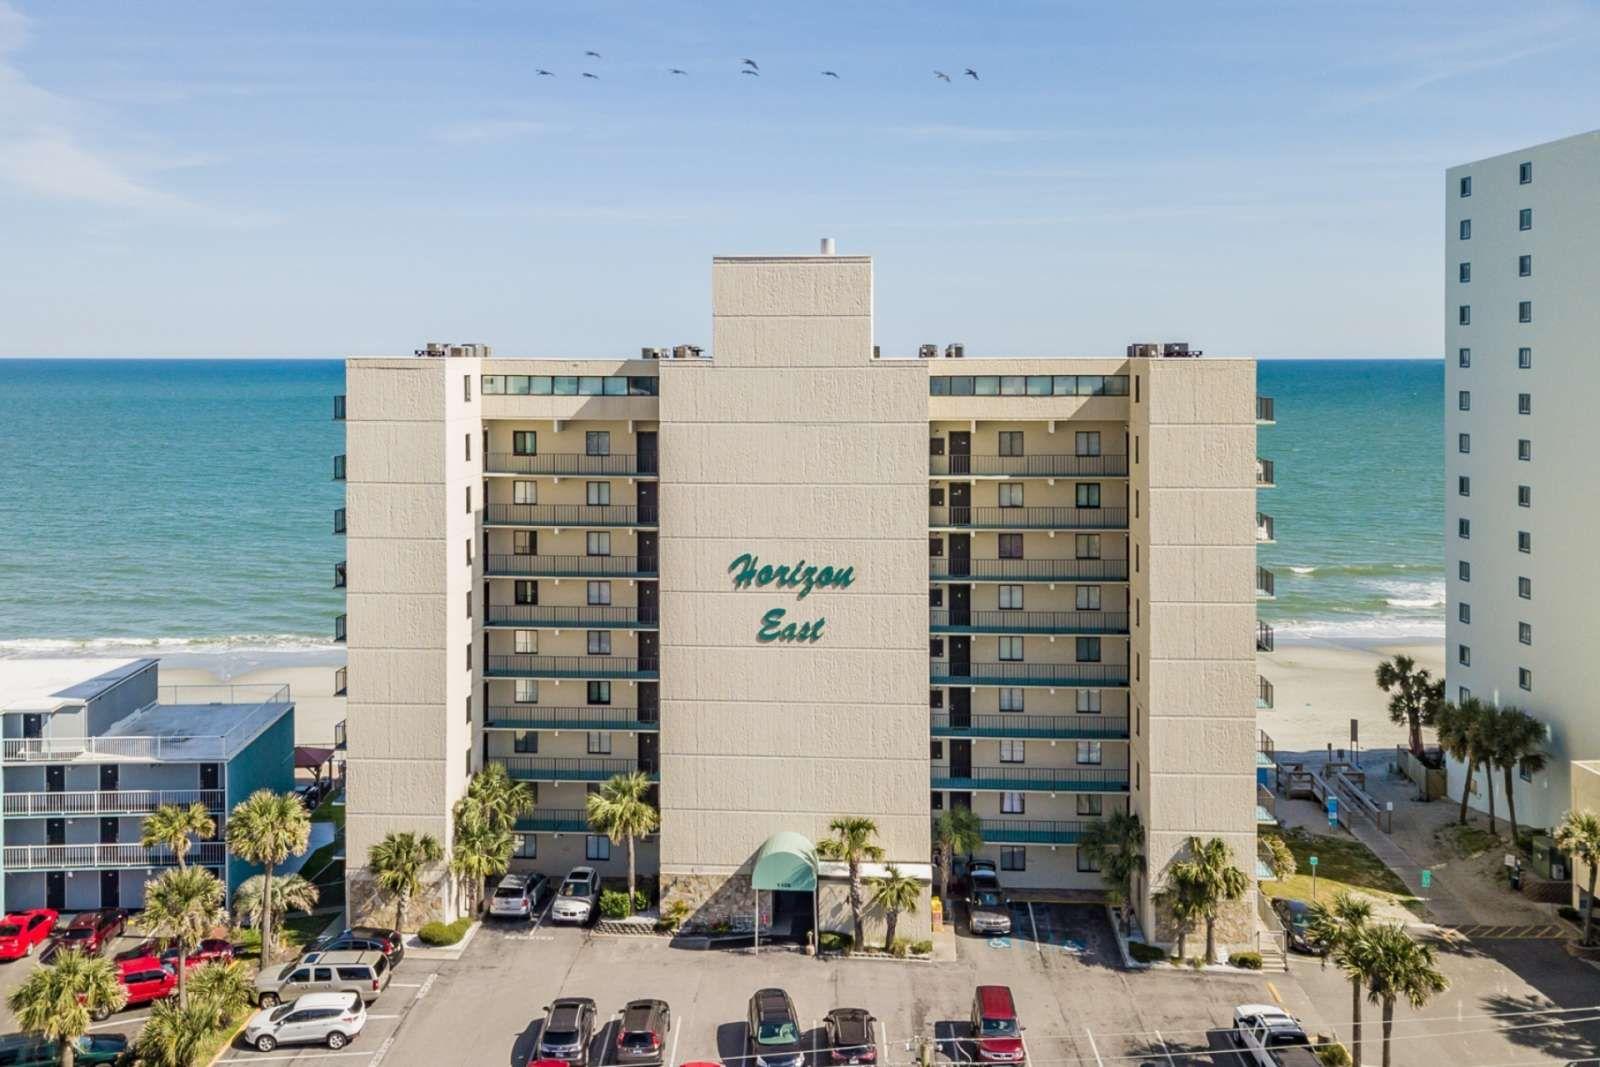 Garden City Vacation Rental Horizon East 601 Oceanfront 3 Bedroom Free Water Park Aquarium Golf More Every Garden City Beach City Vacation Oceanfront